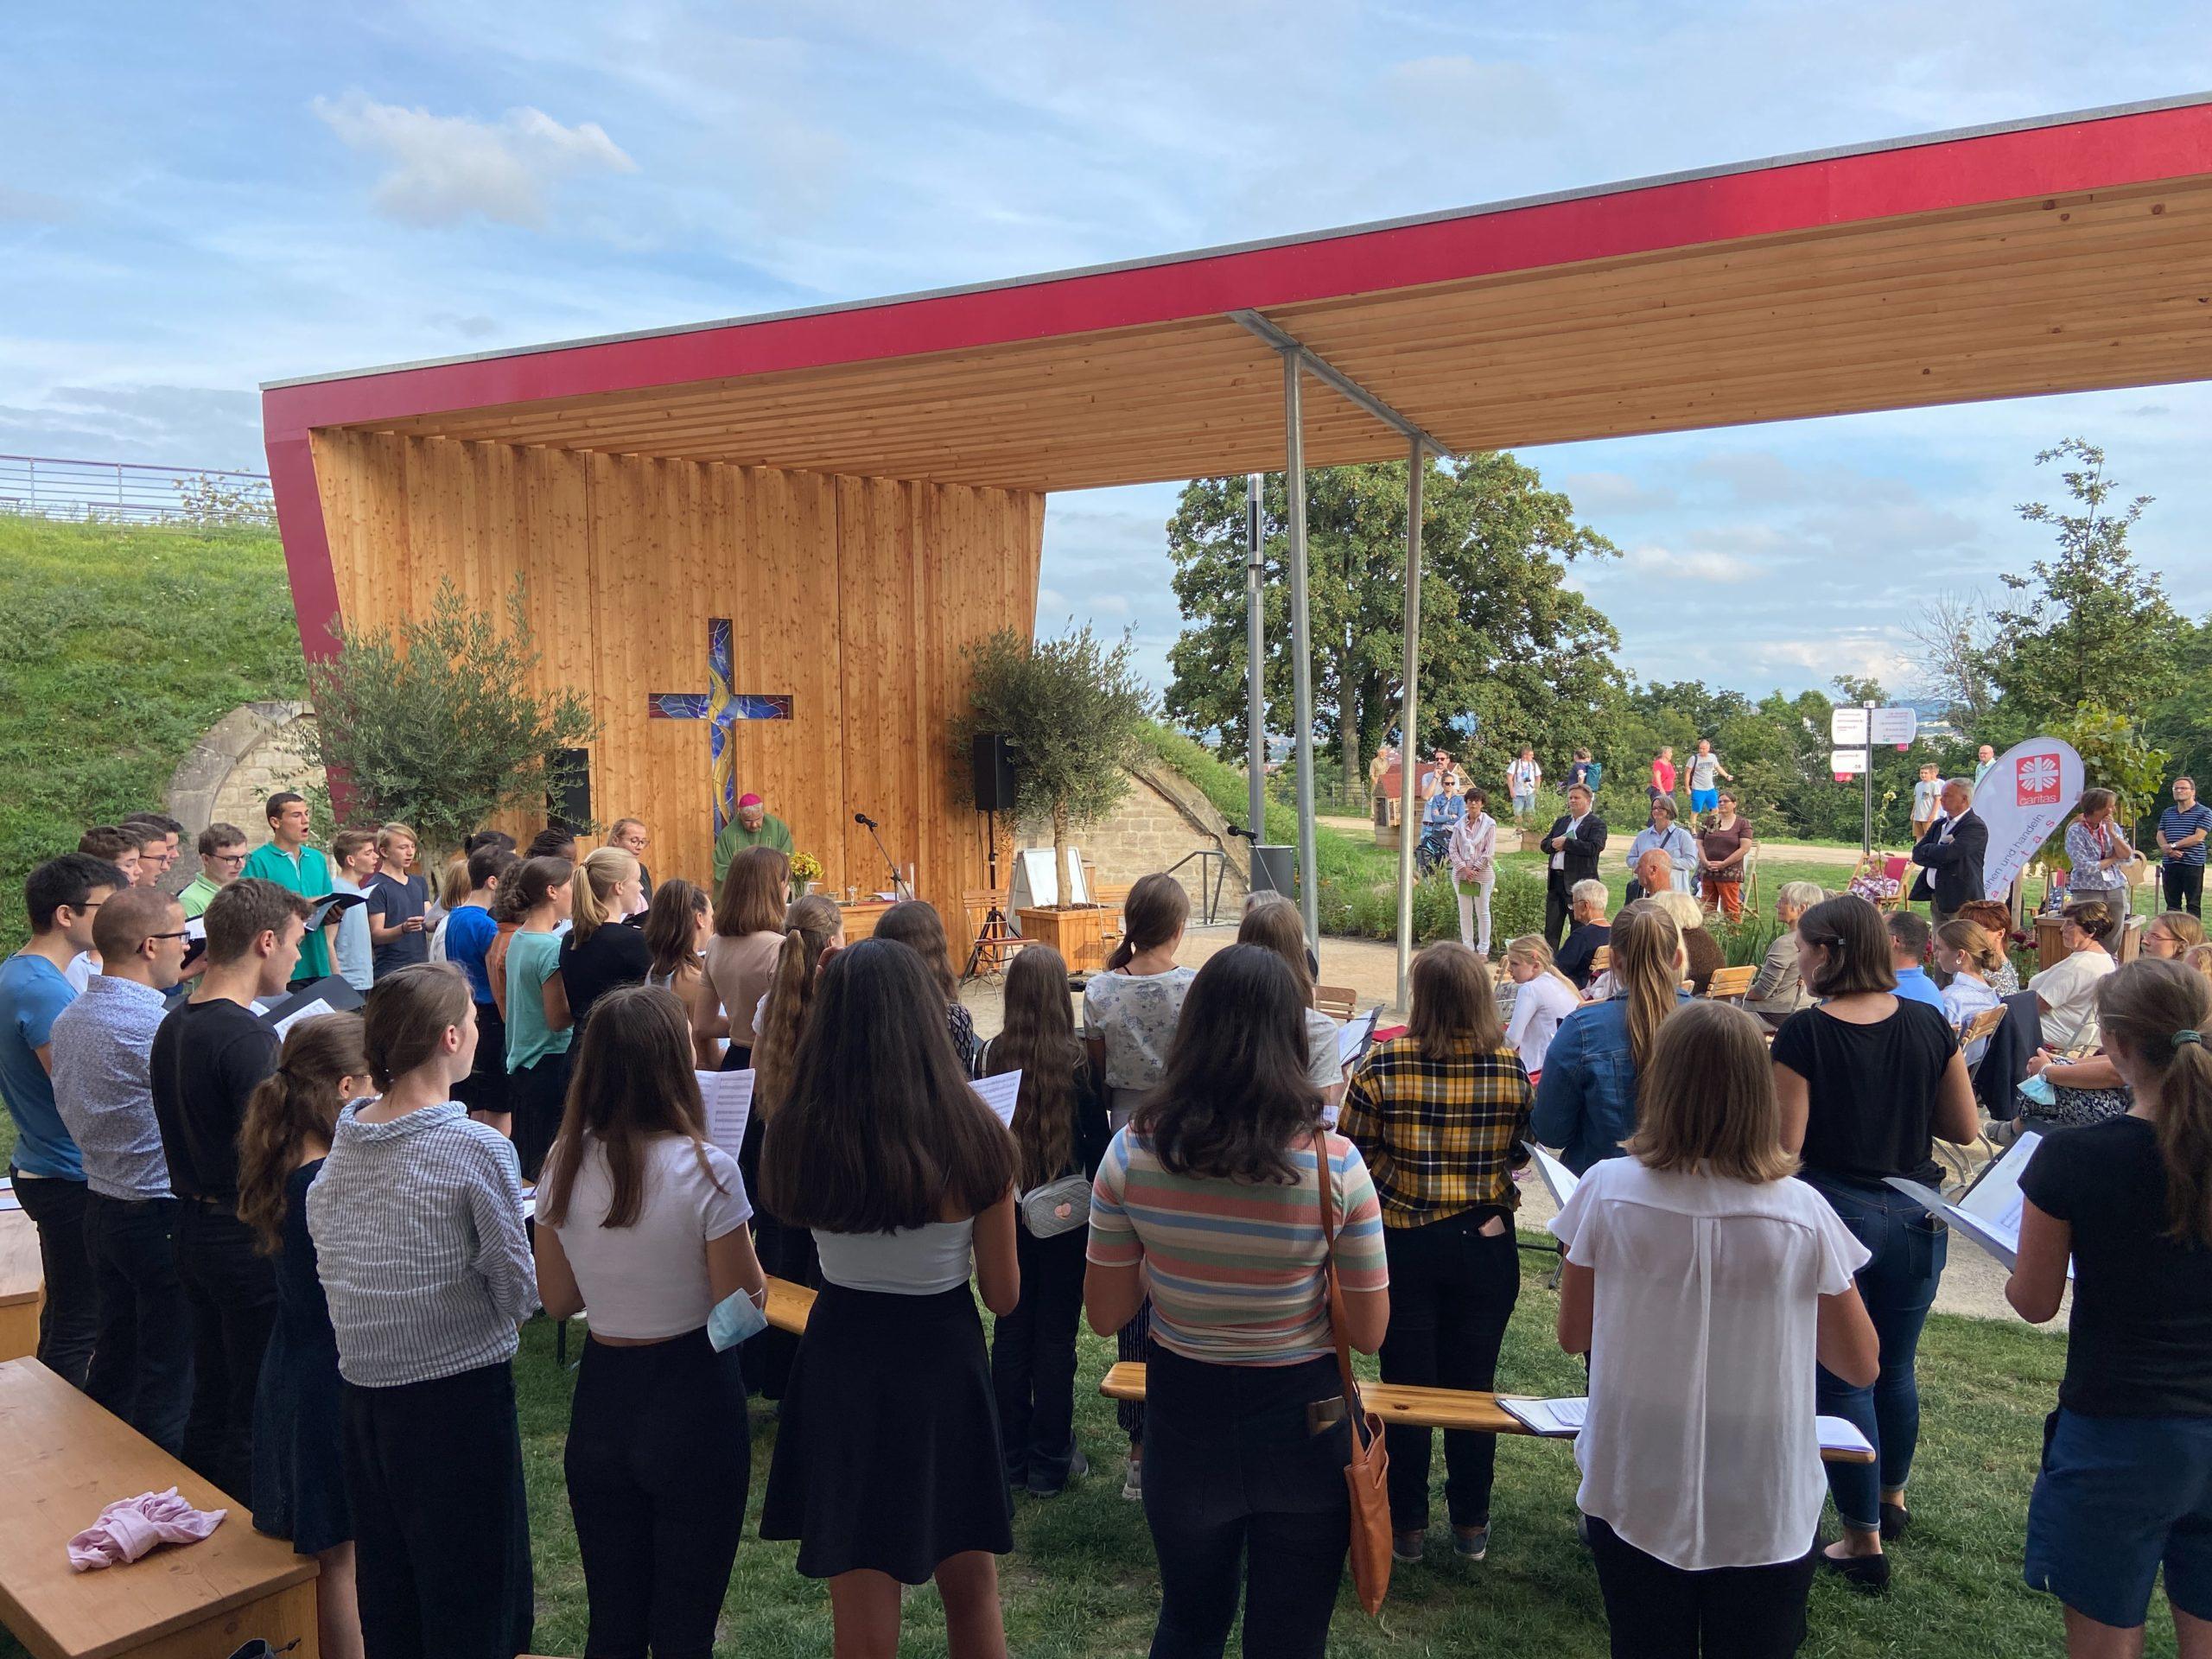 Kurzkonzerte des Kinderchores ESS-Kids und des Jugendchores VoicESS auf der BUGA